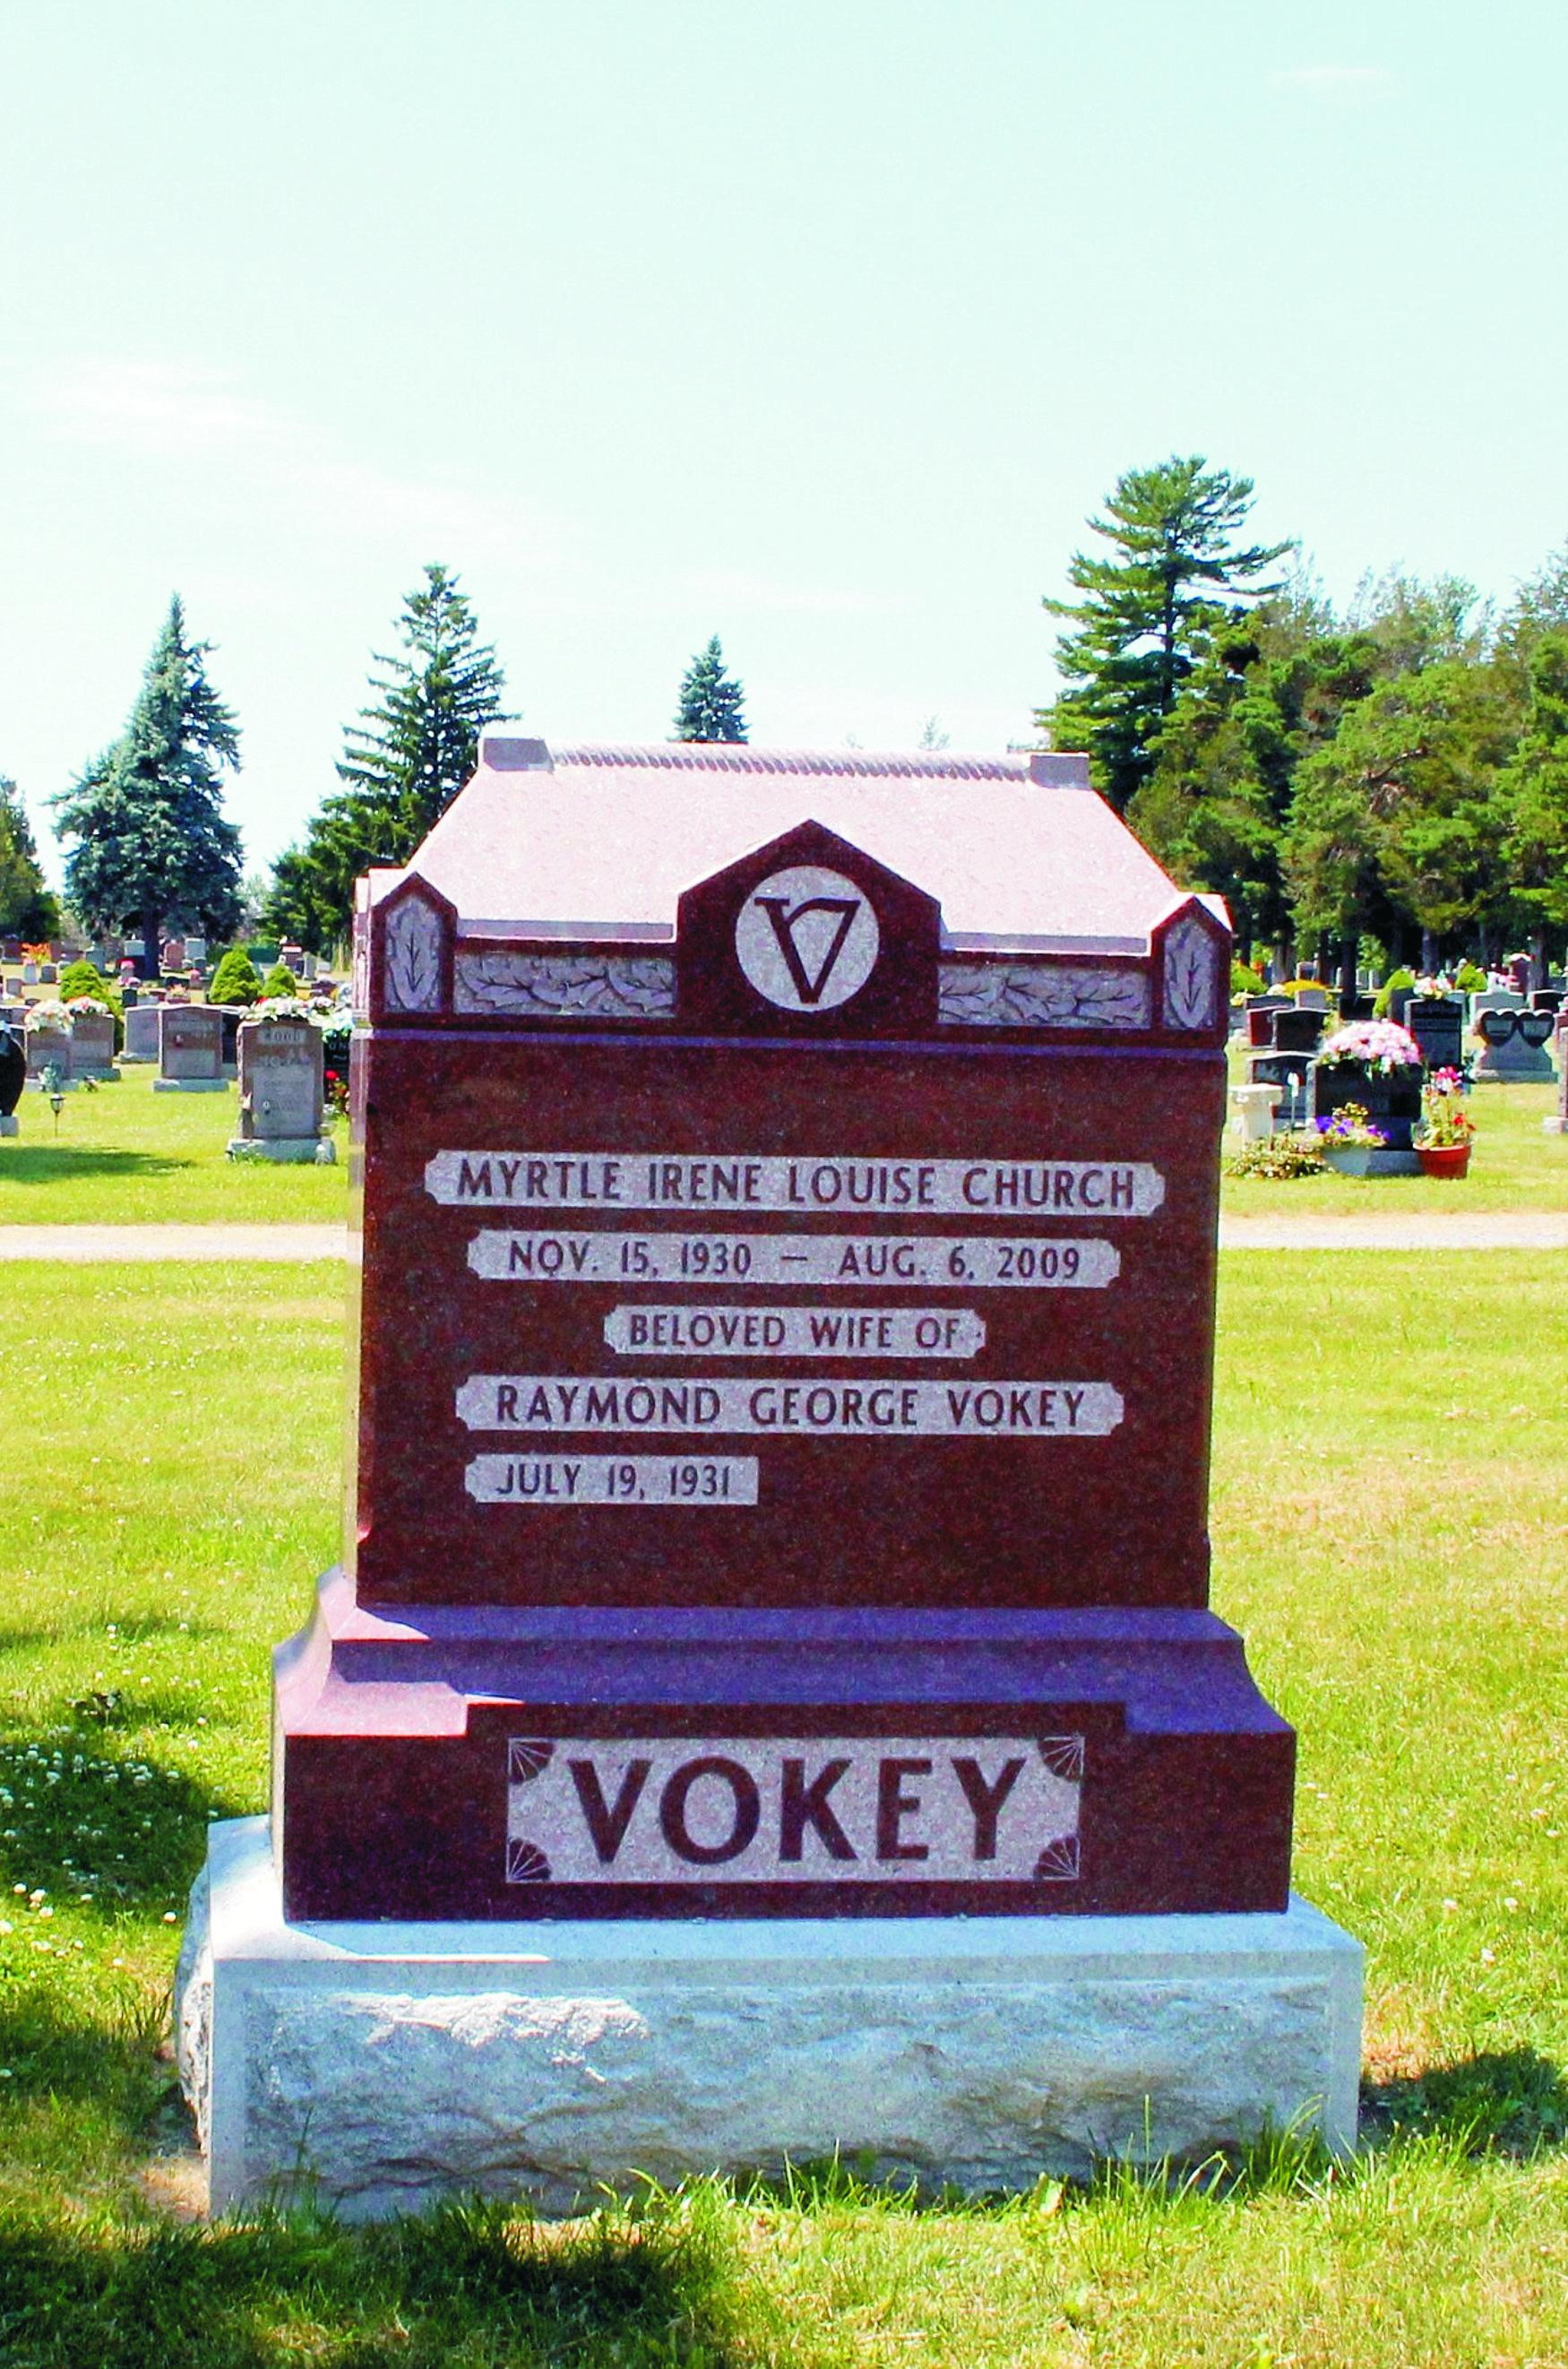 Vokey